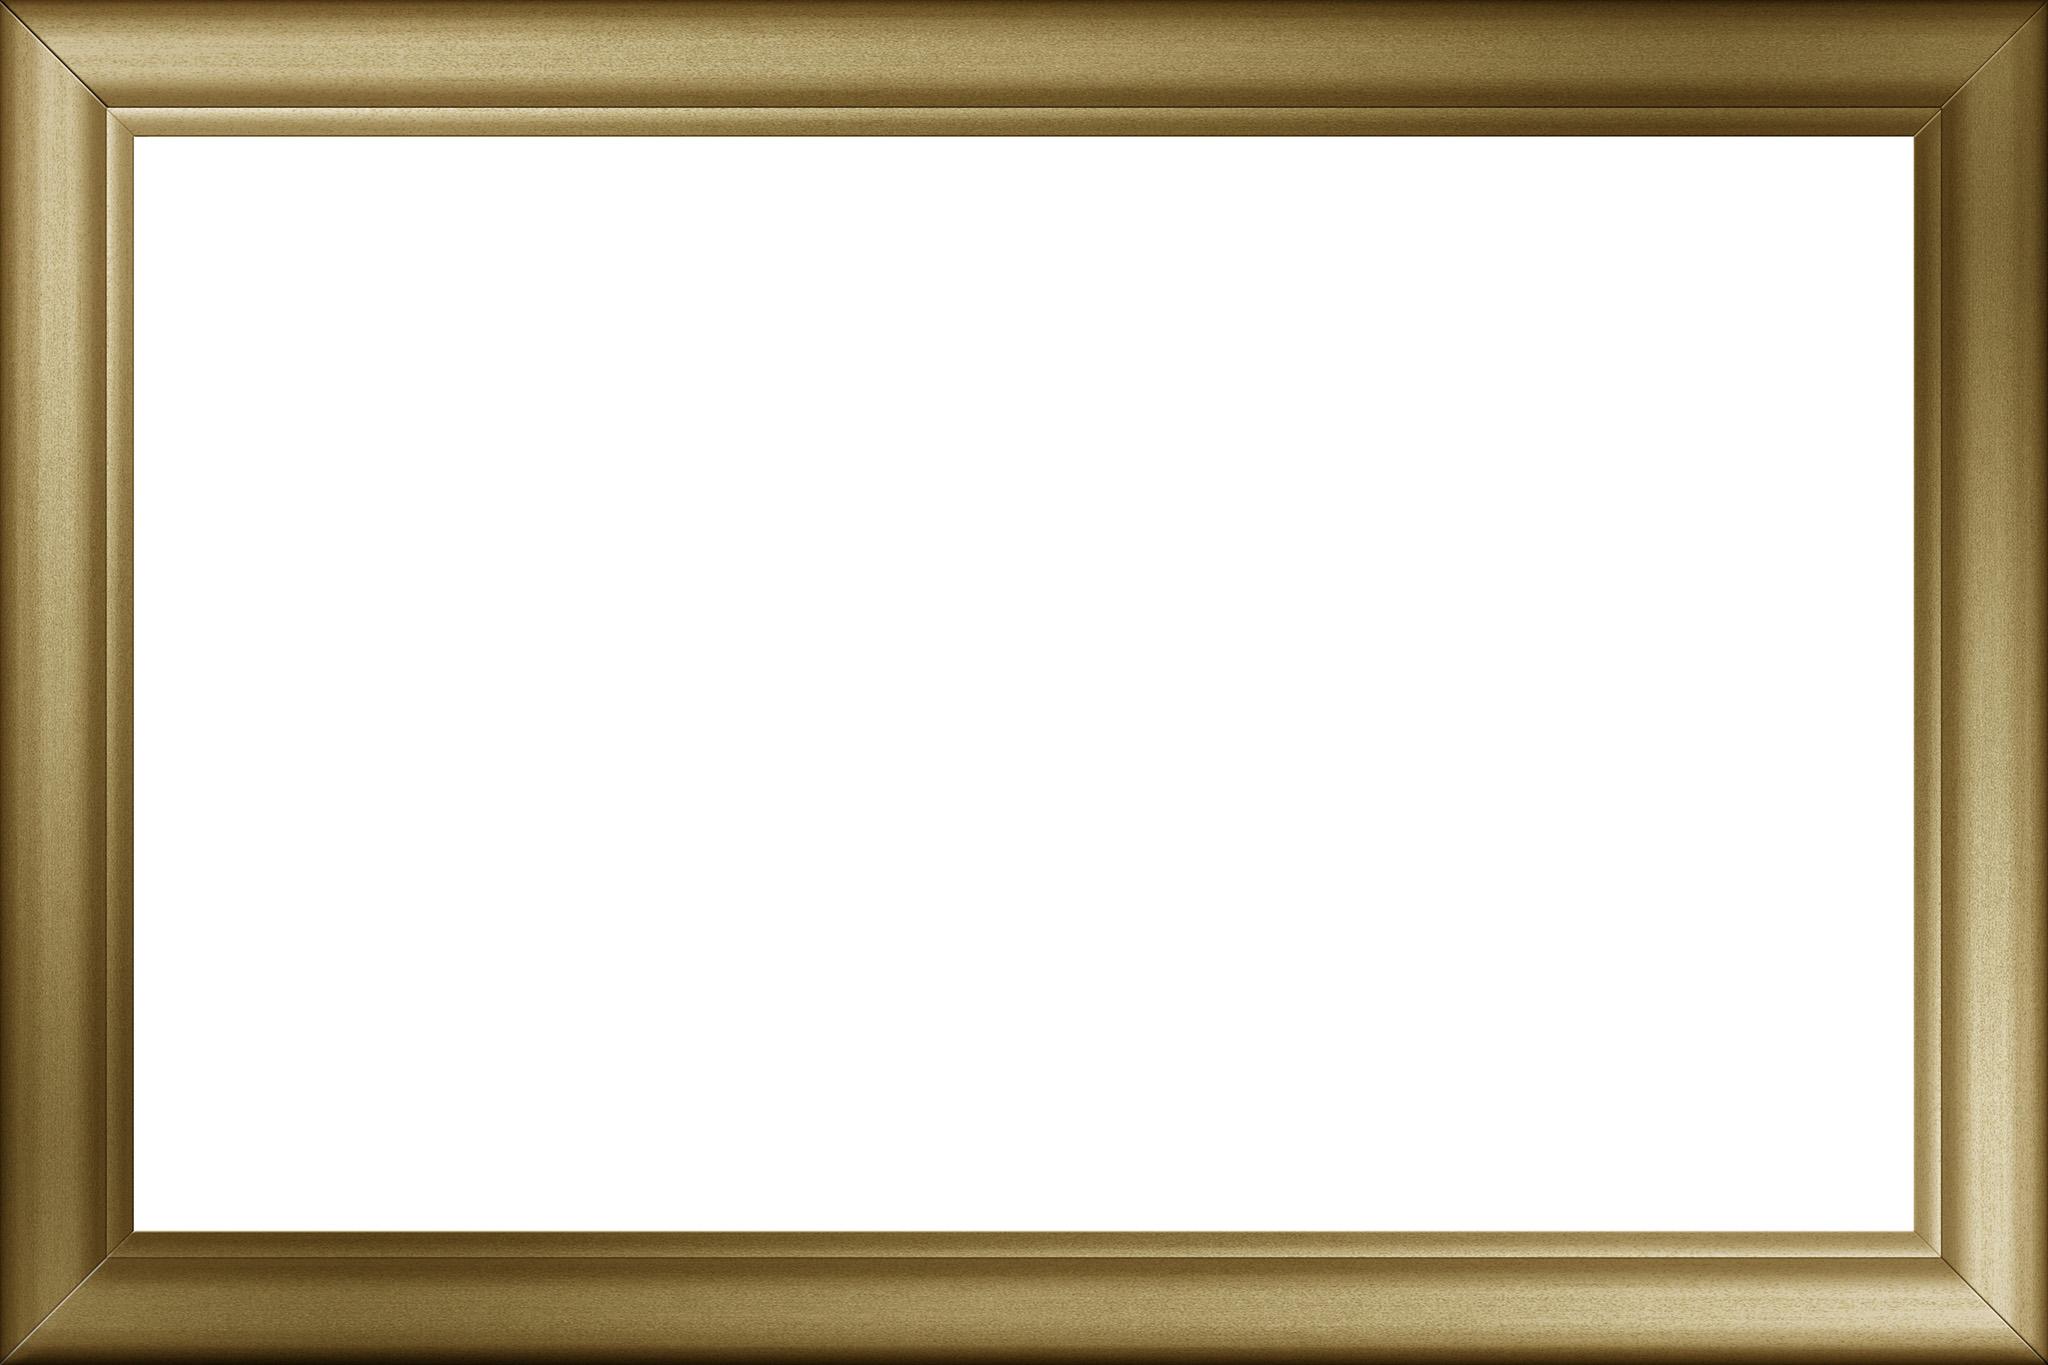 「高級感のある金色のフレーム」